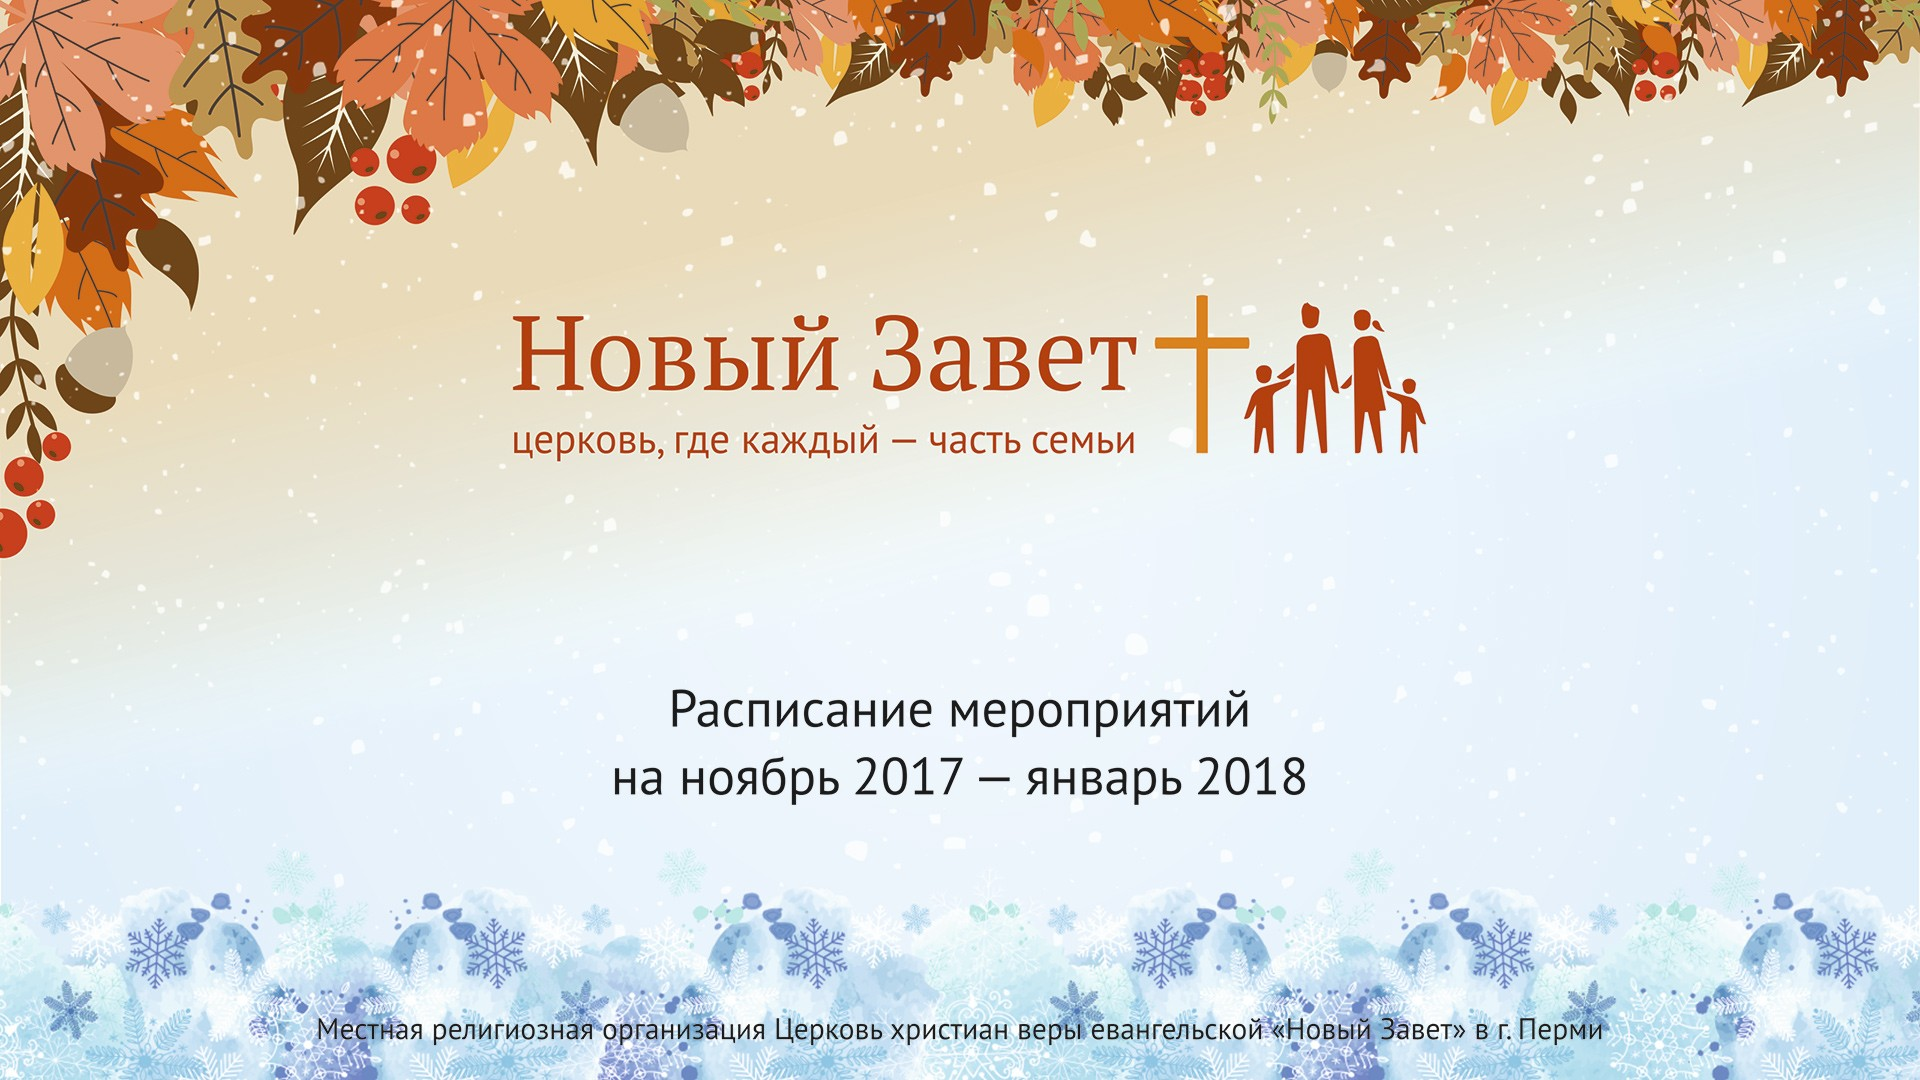 Расписание мероприятий на ноябрь 2017 – январь 2018 гг